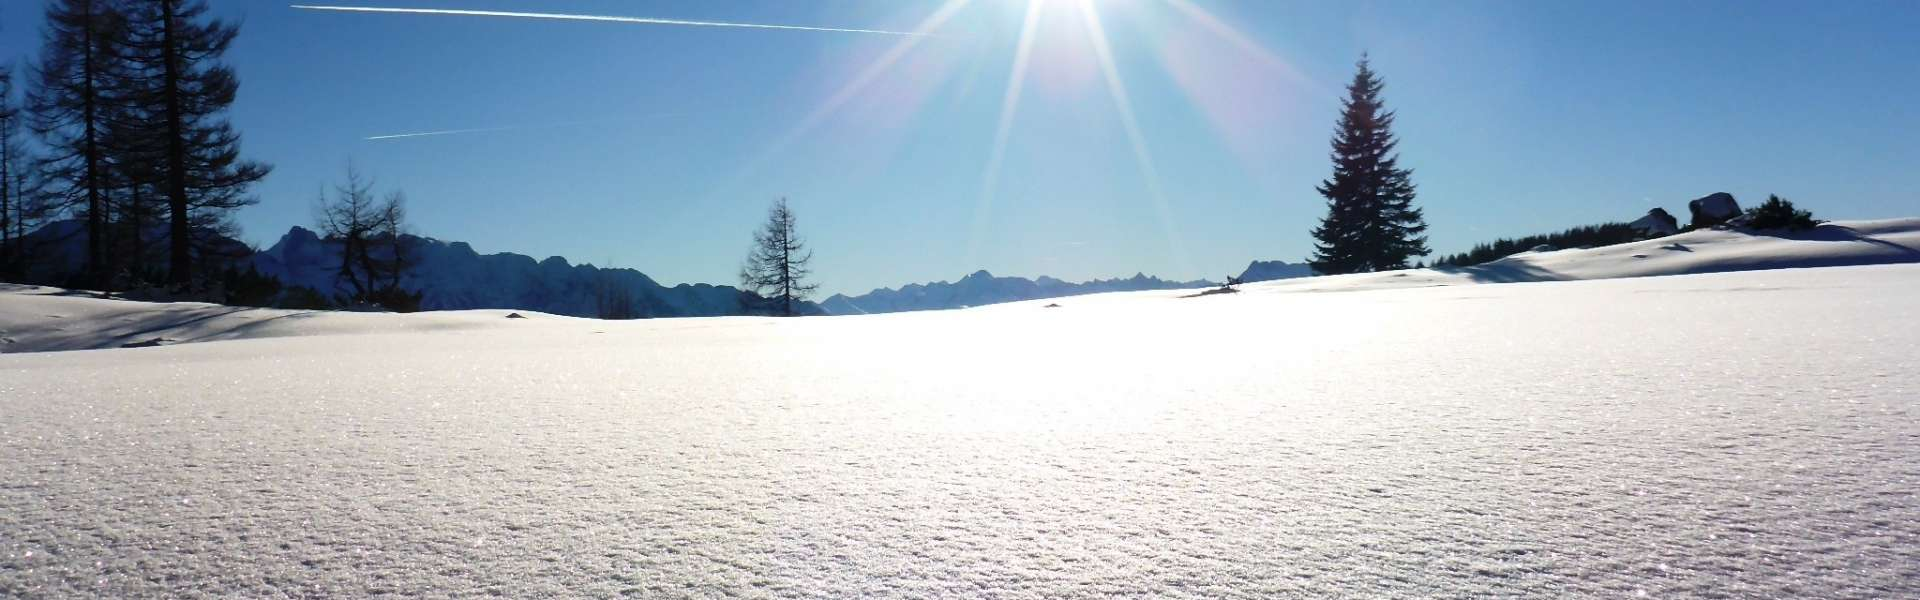 Singlereis sneeuwschoenwandelen in Oostenrijk